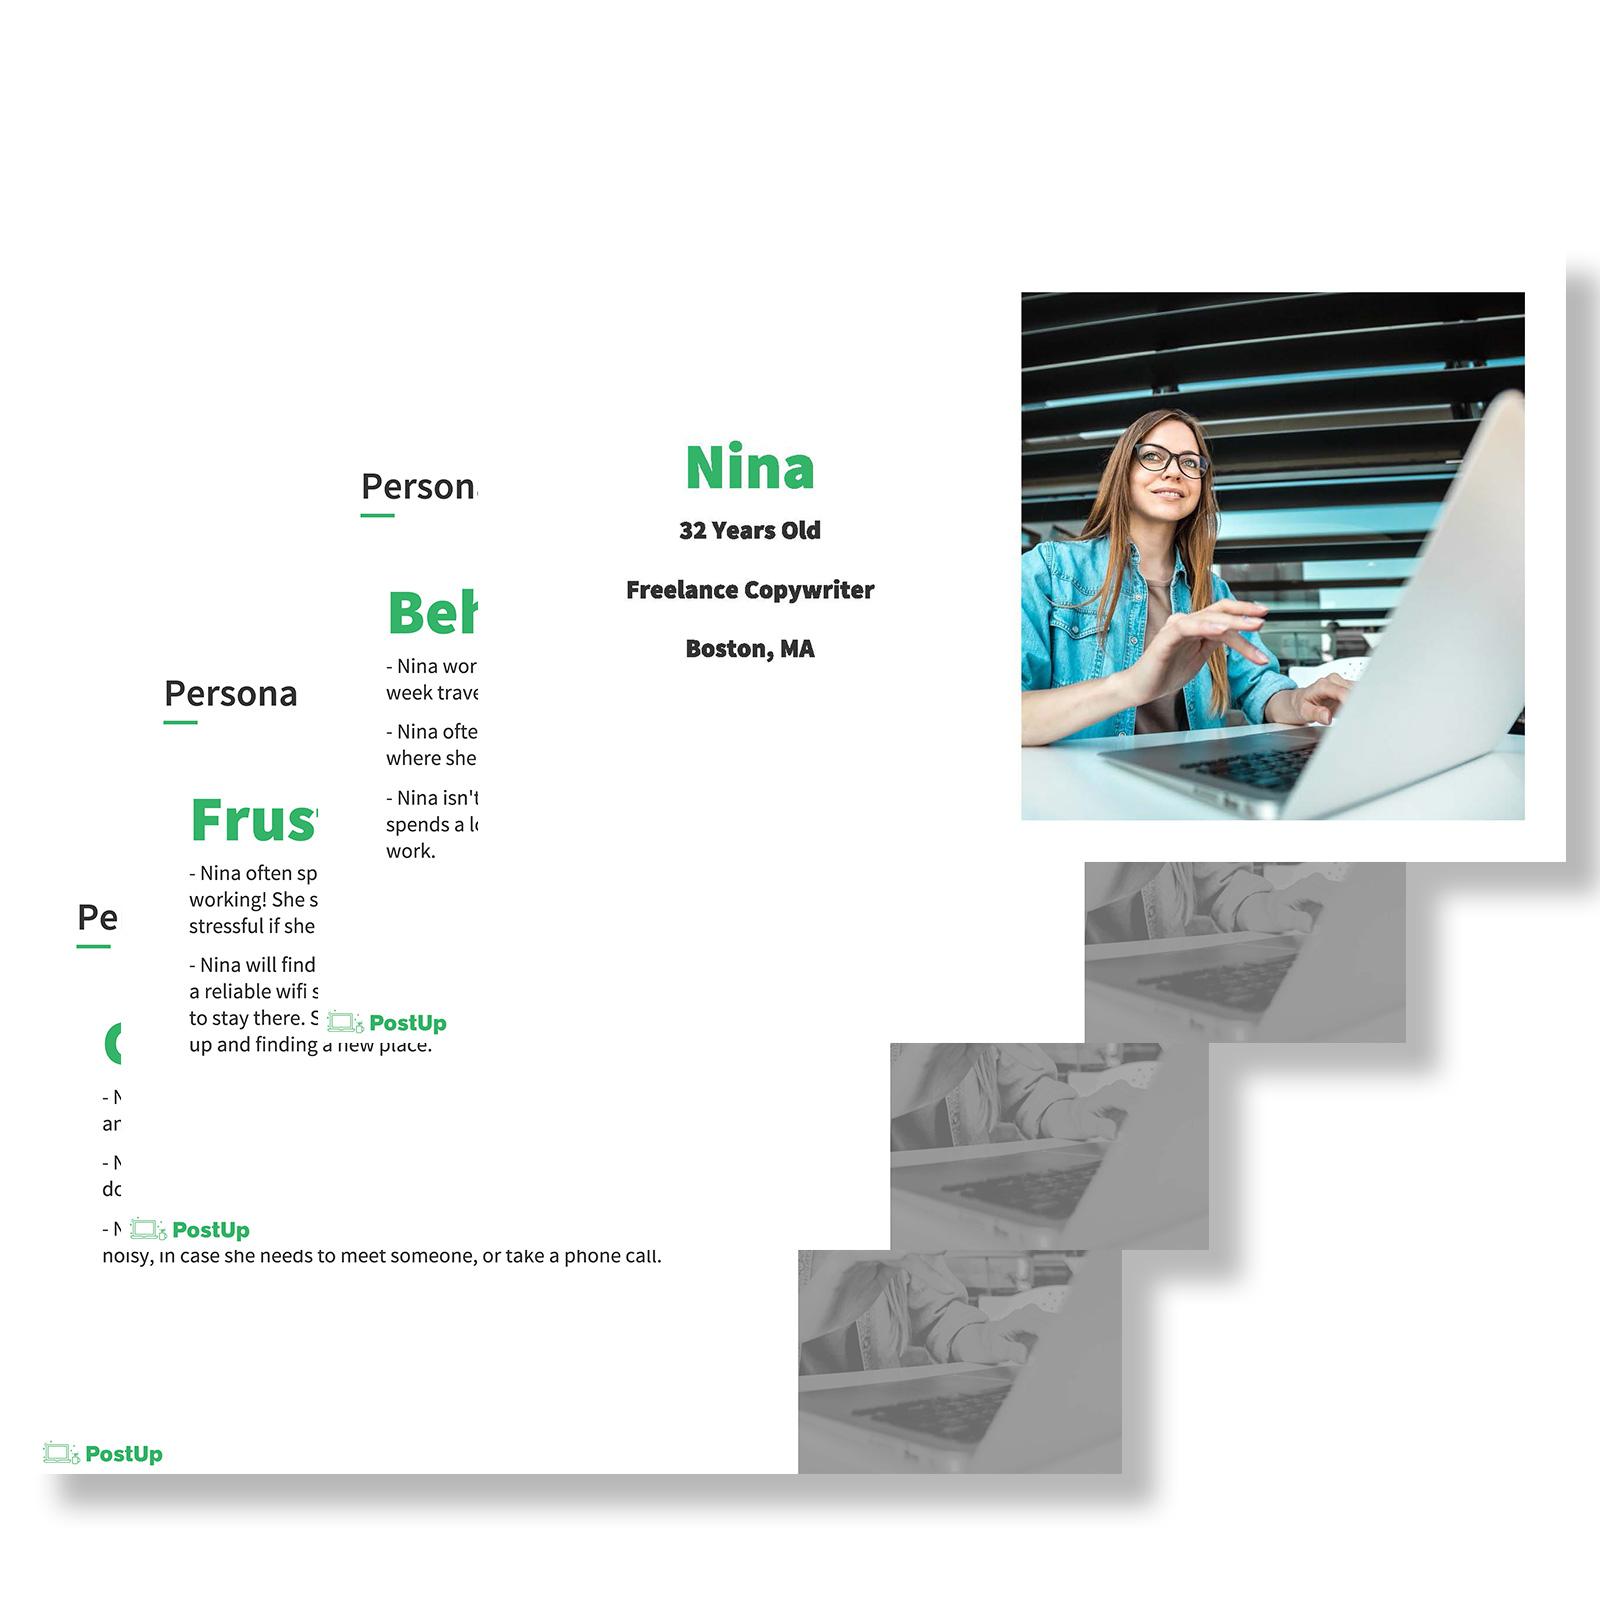 Mobile App: PostUp Design Sprint